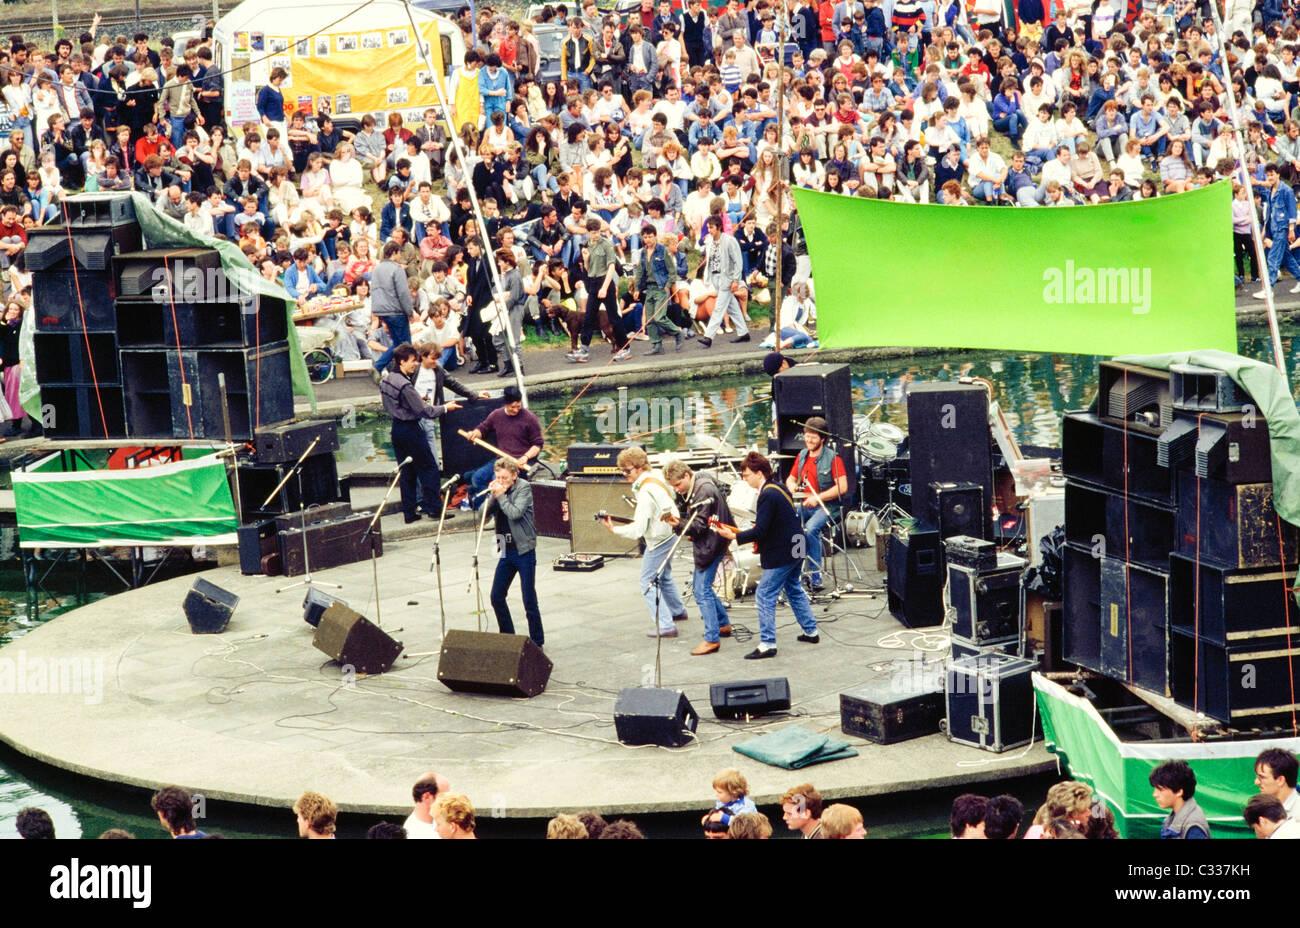 Dublin, Co Dublin, Ireland, Lark In The Park - Stock Image